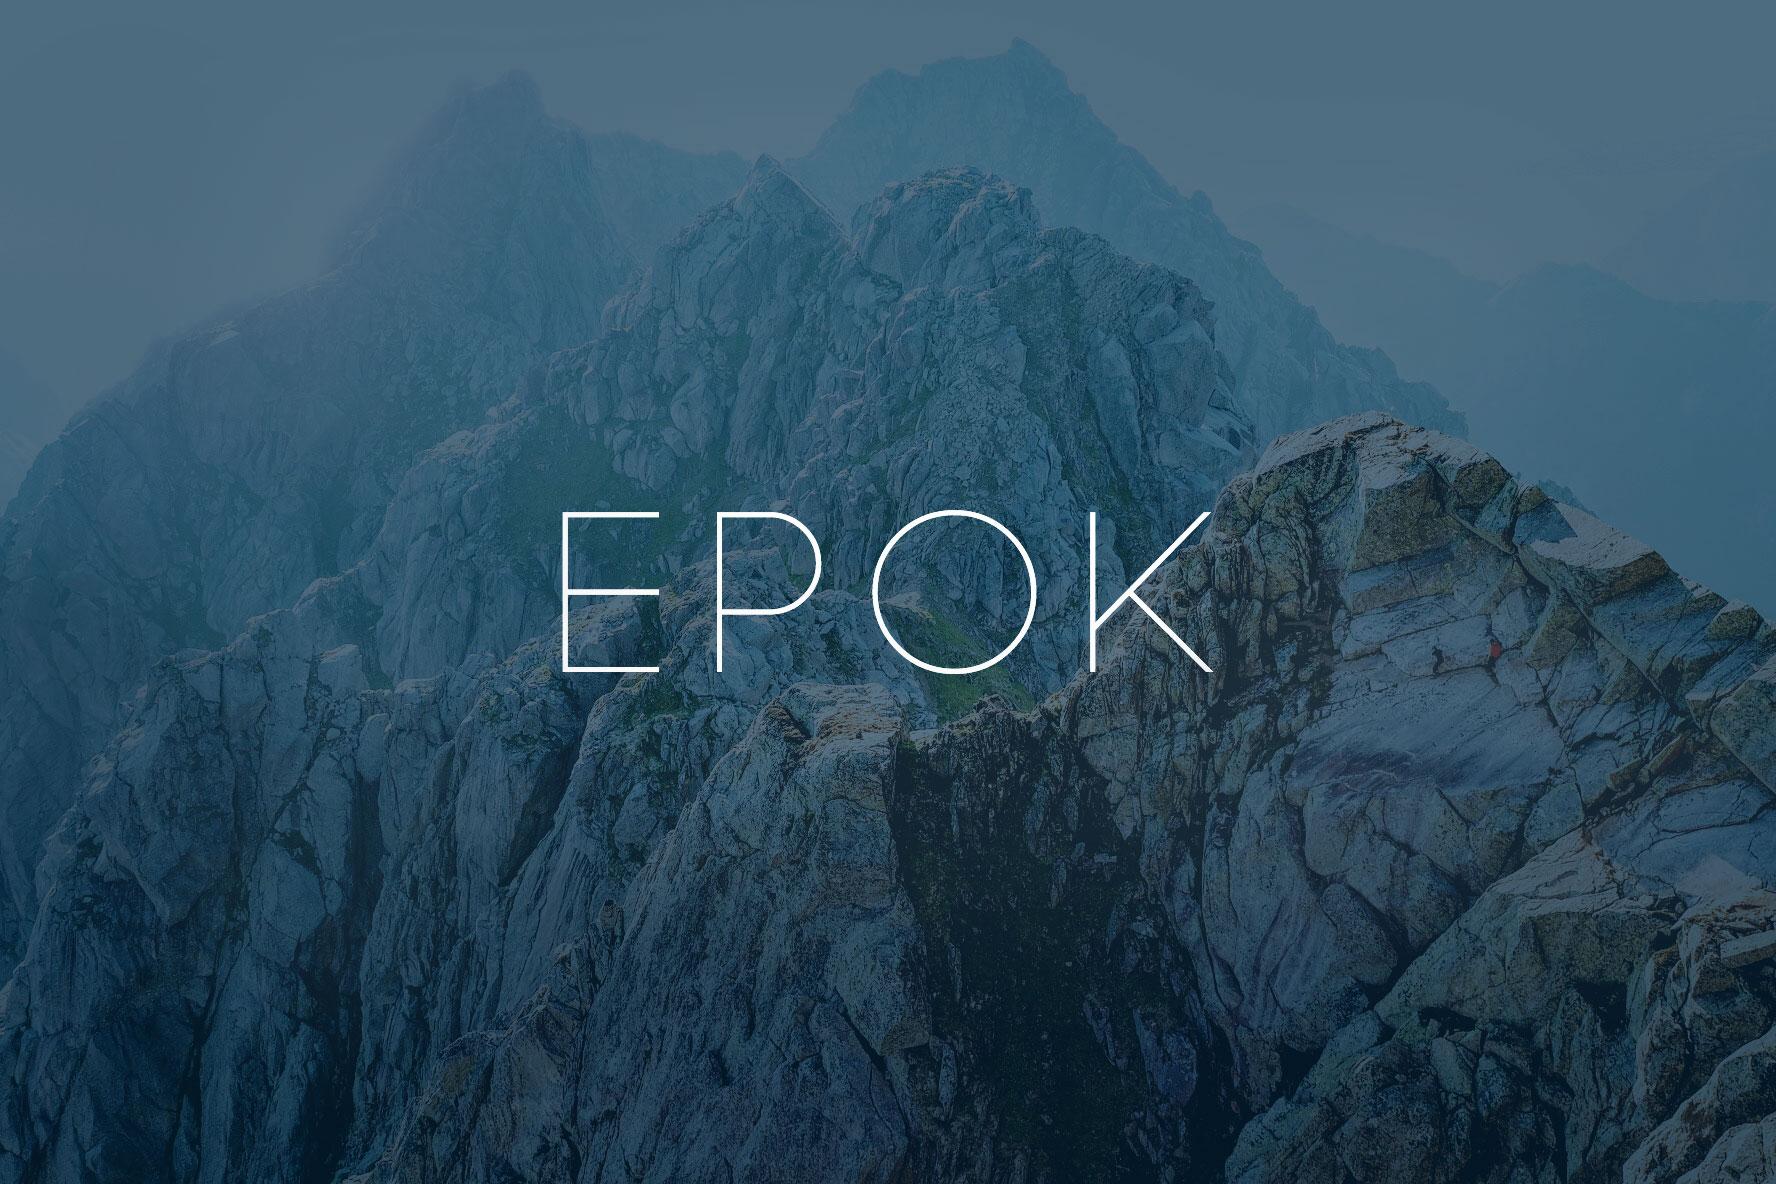 Klicka på bilden för att komma direkt till EPOKs nylanserade webbmagasin